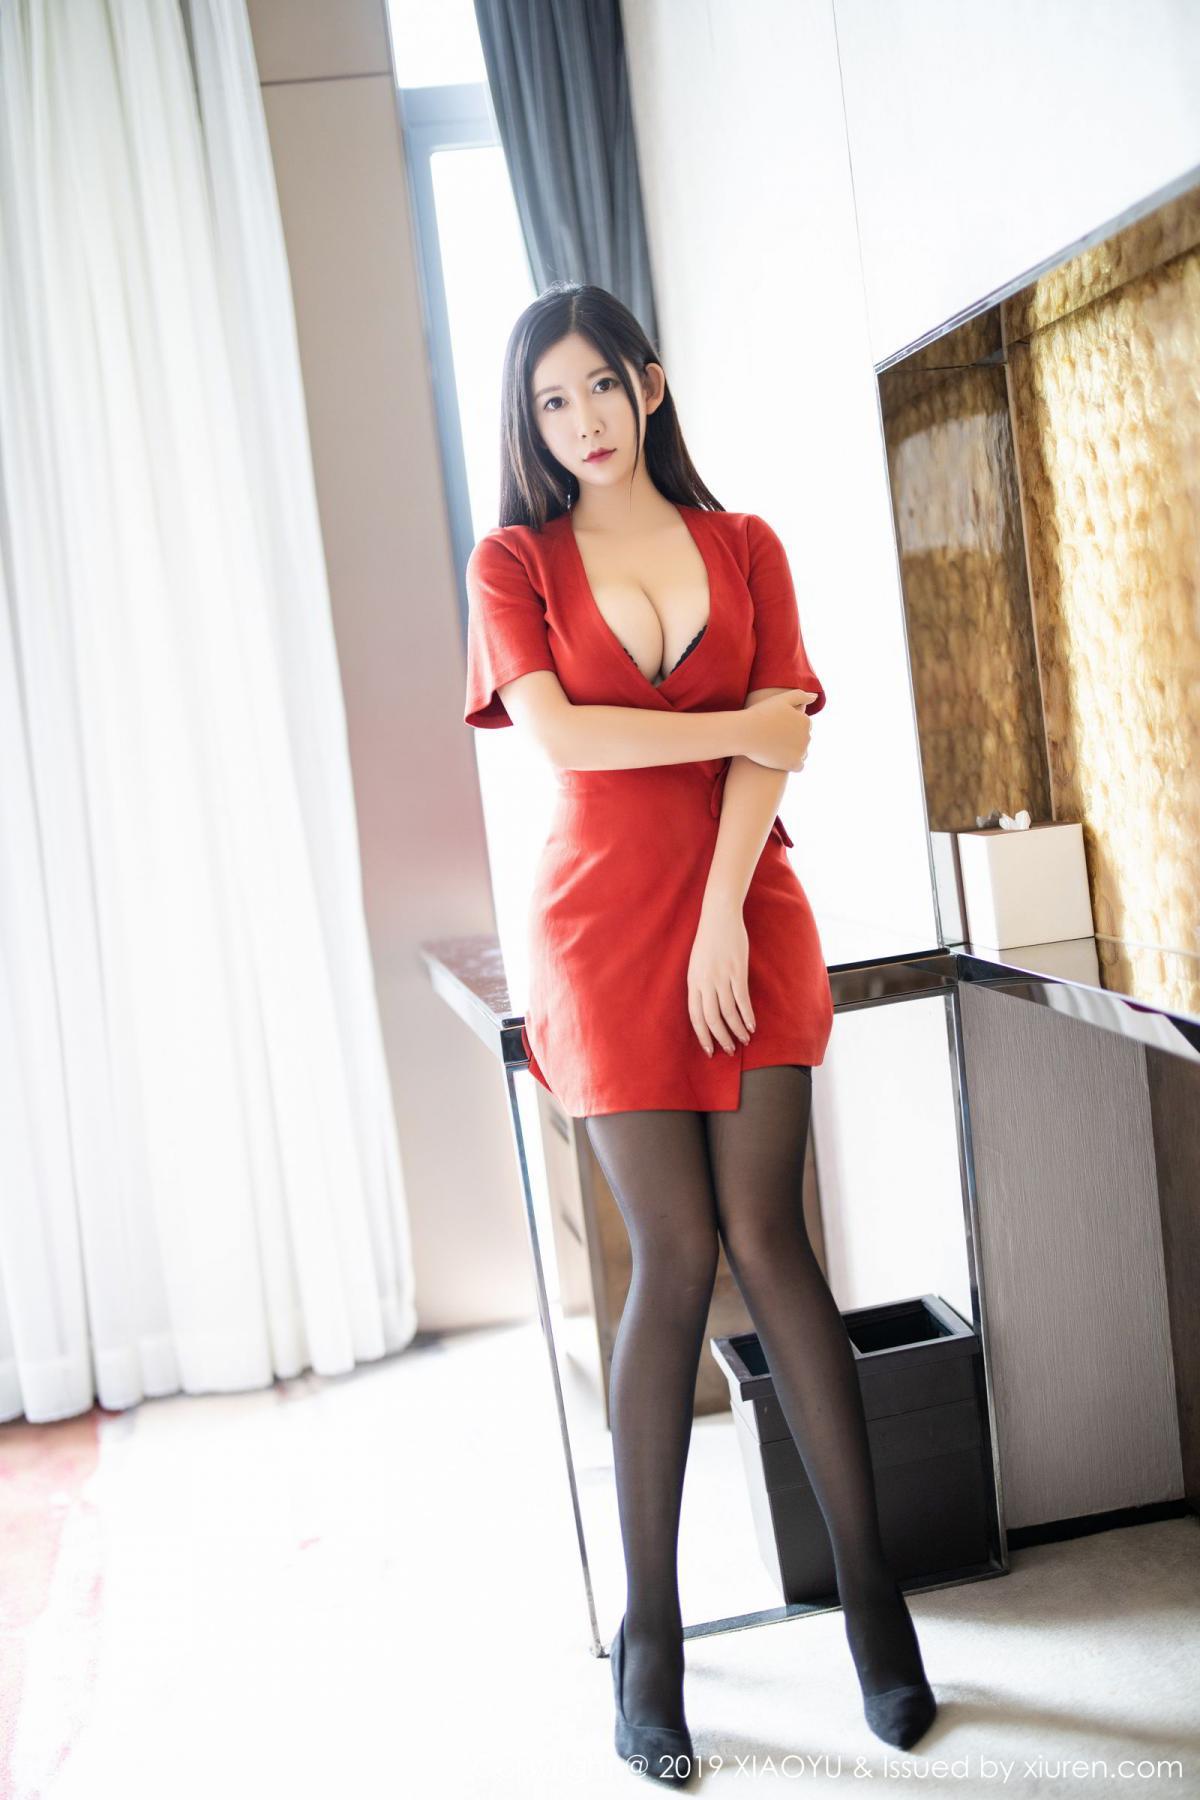 [XiaoYu] Vol.166 Li Ya 7P, Li Ya, Underwear, XiaoYu